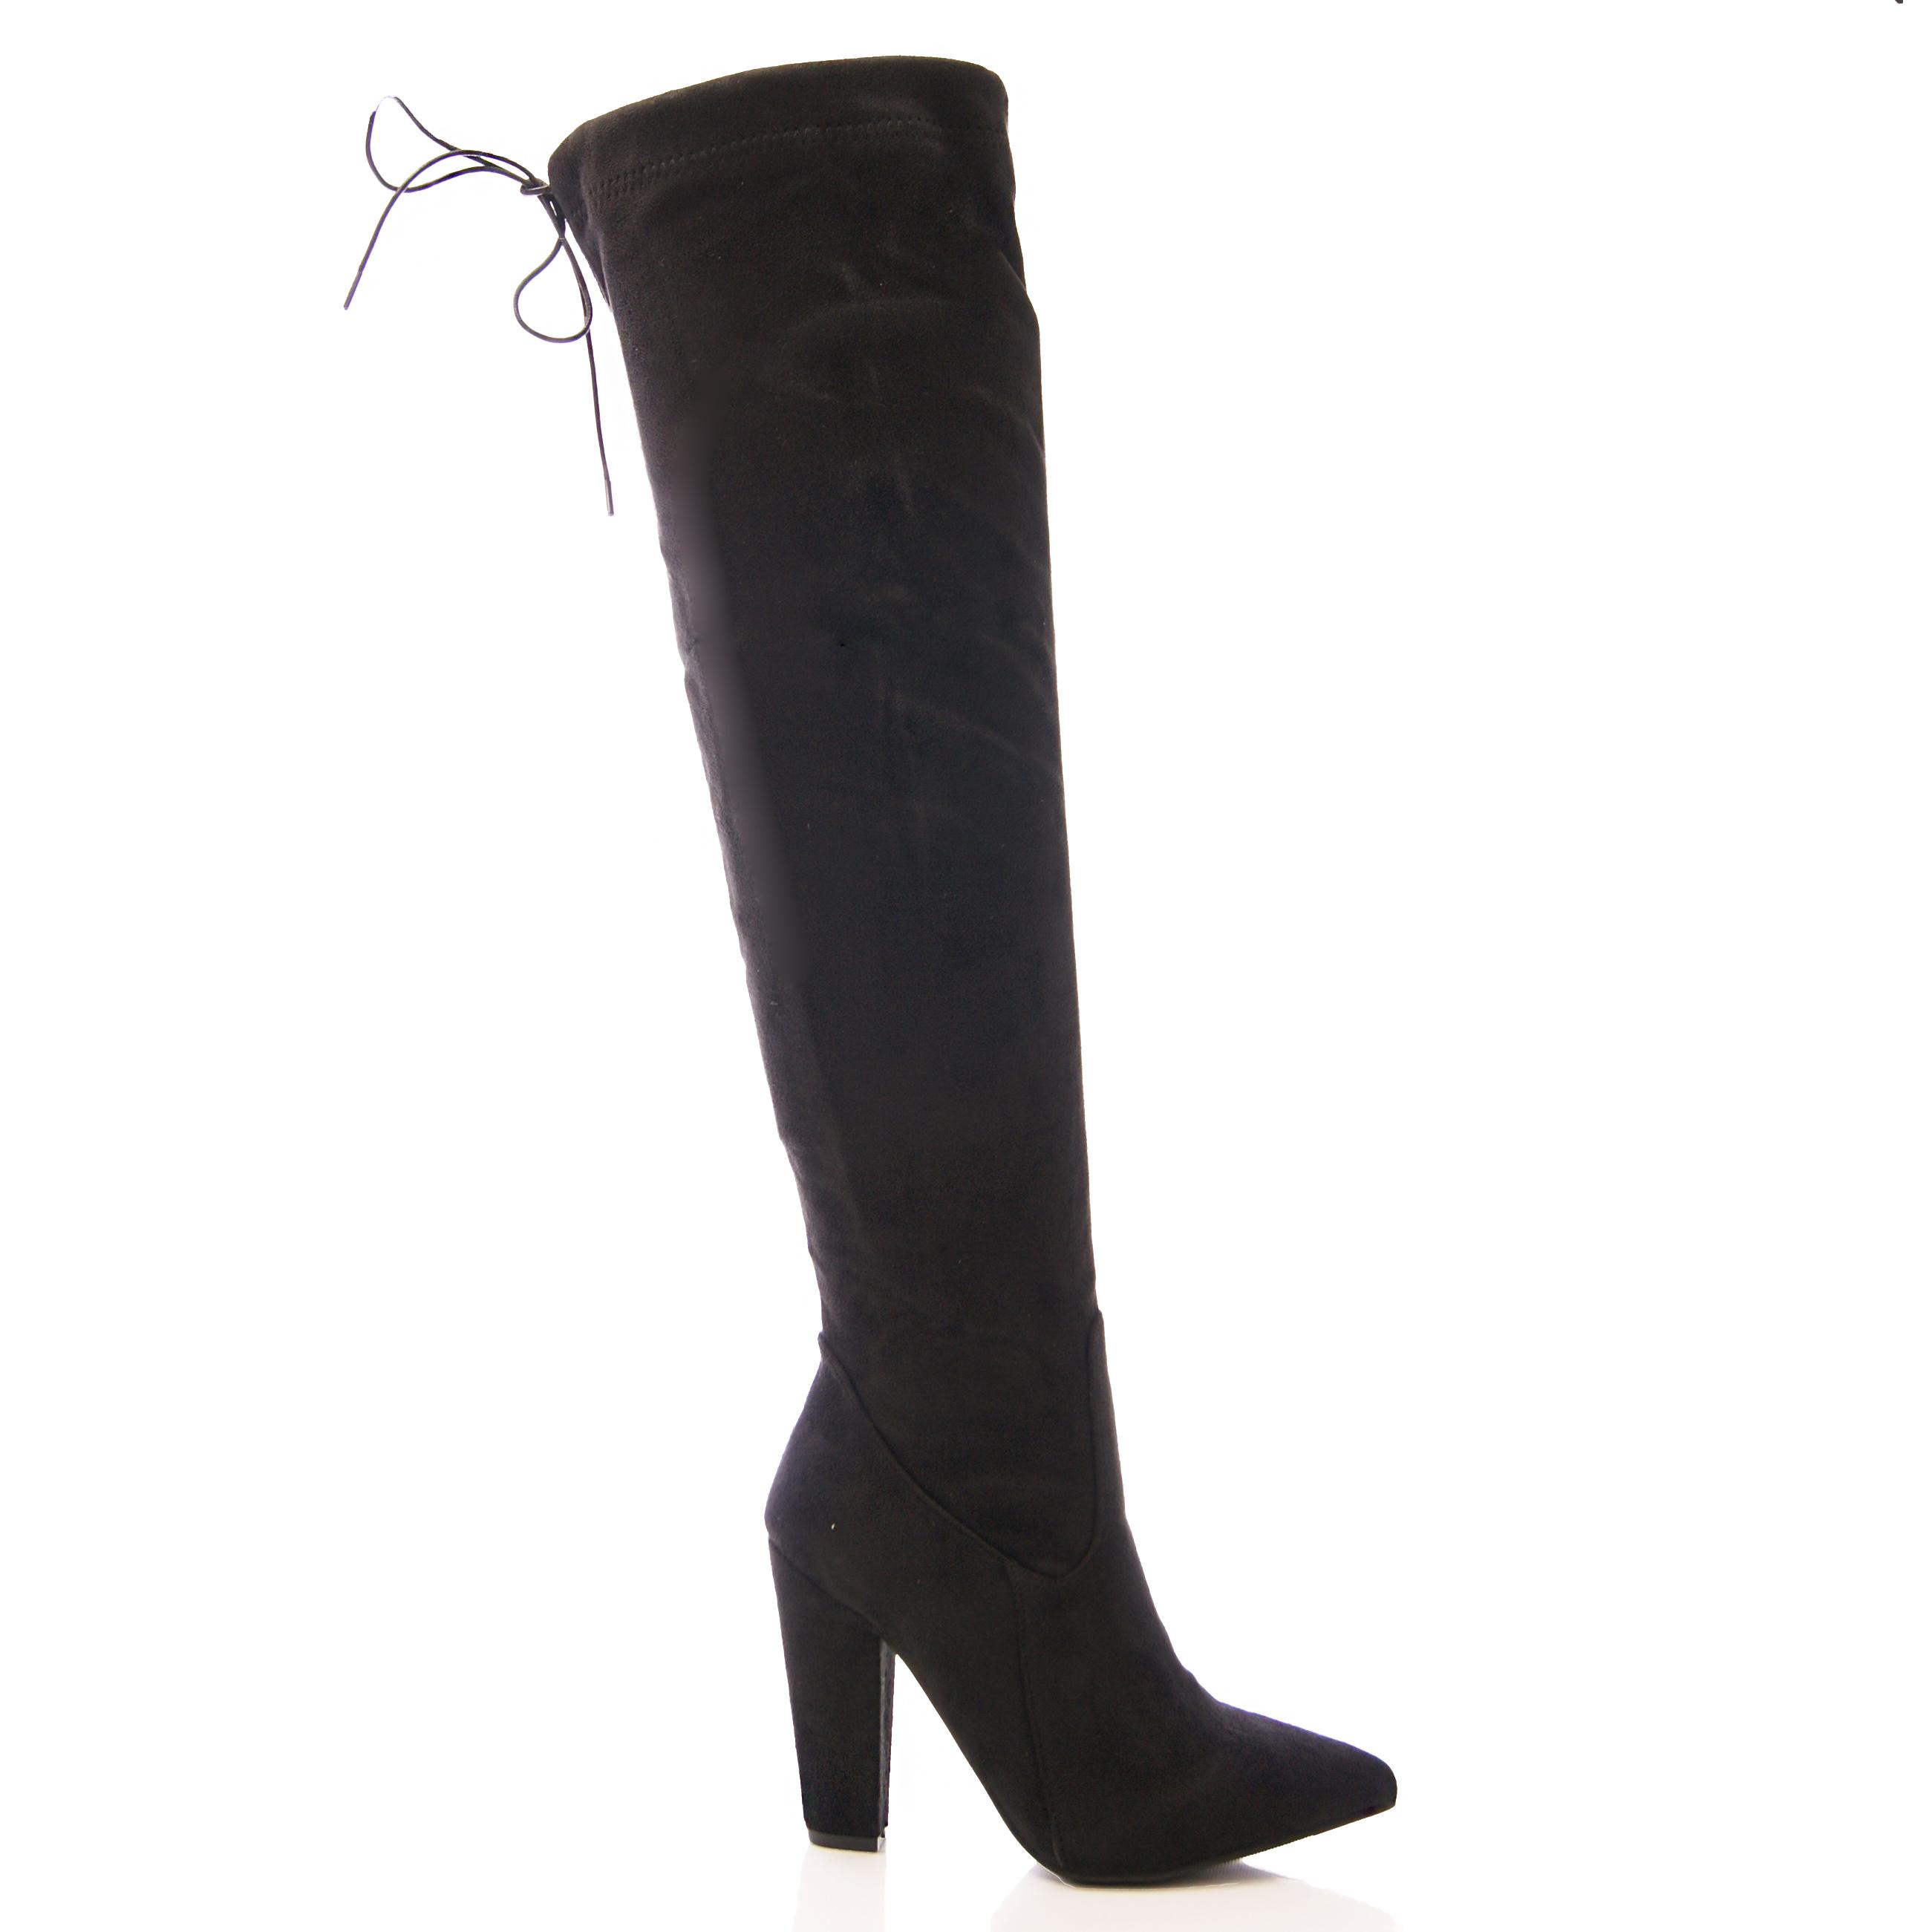 LADIES WOMENS OVER THE KNEE BOOTS LONG LEG BLOCK HEEL TIE ...